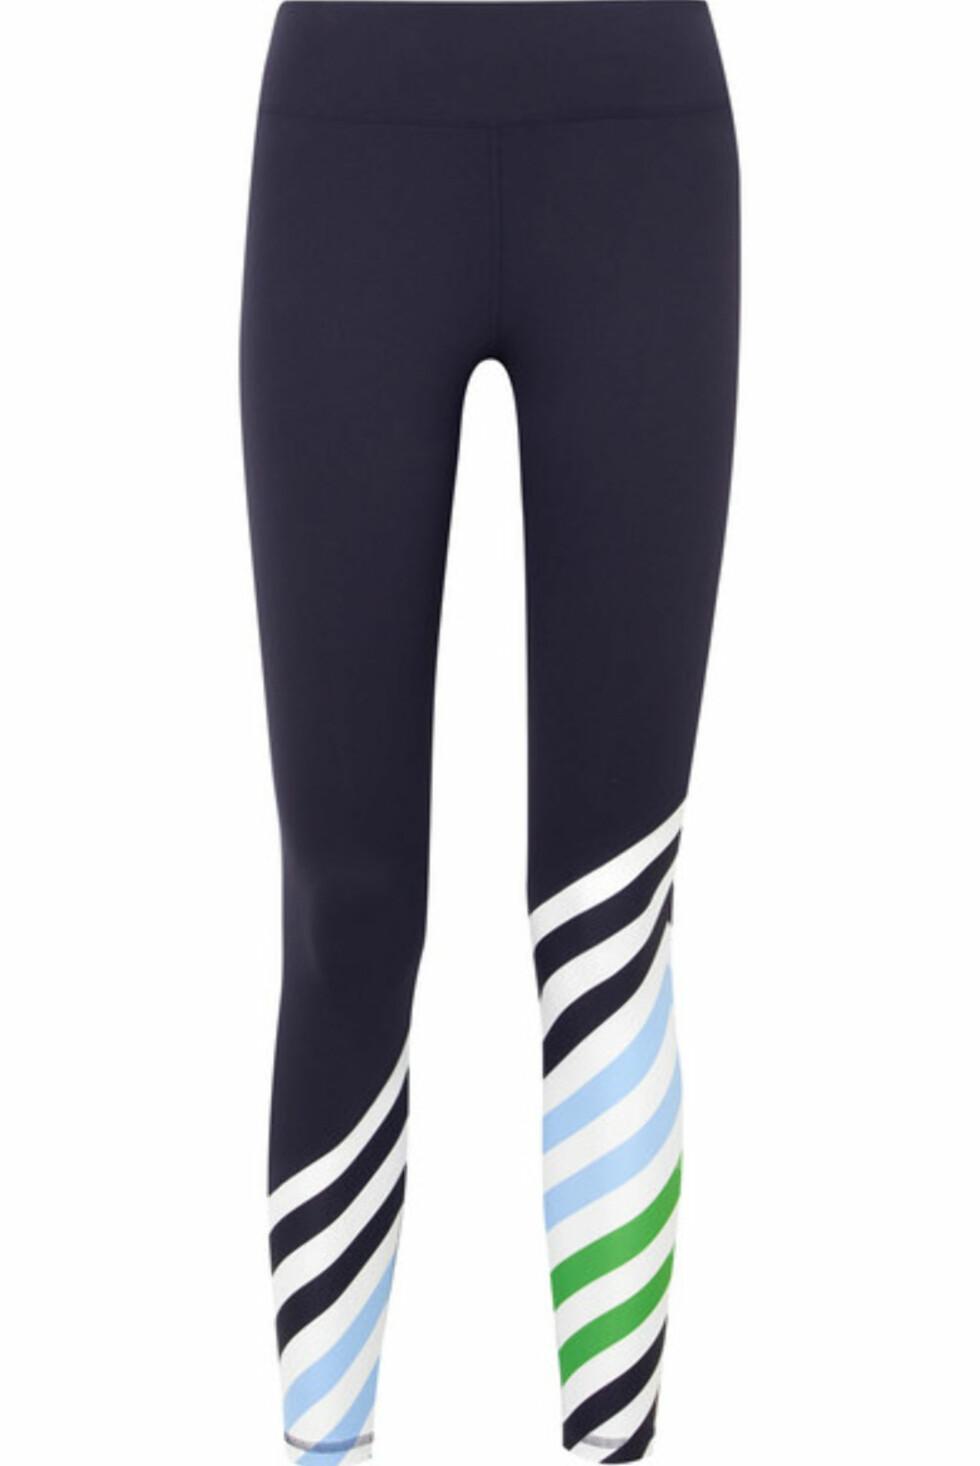 Tights fra Tory Sport via Net-a-porter.com |1600,-| https://www.net-a-porter.com/no/en/product/1021283/tory_sport/striped-stretch-tactel-leggings